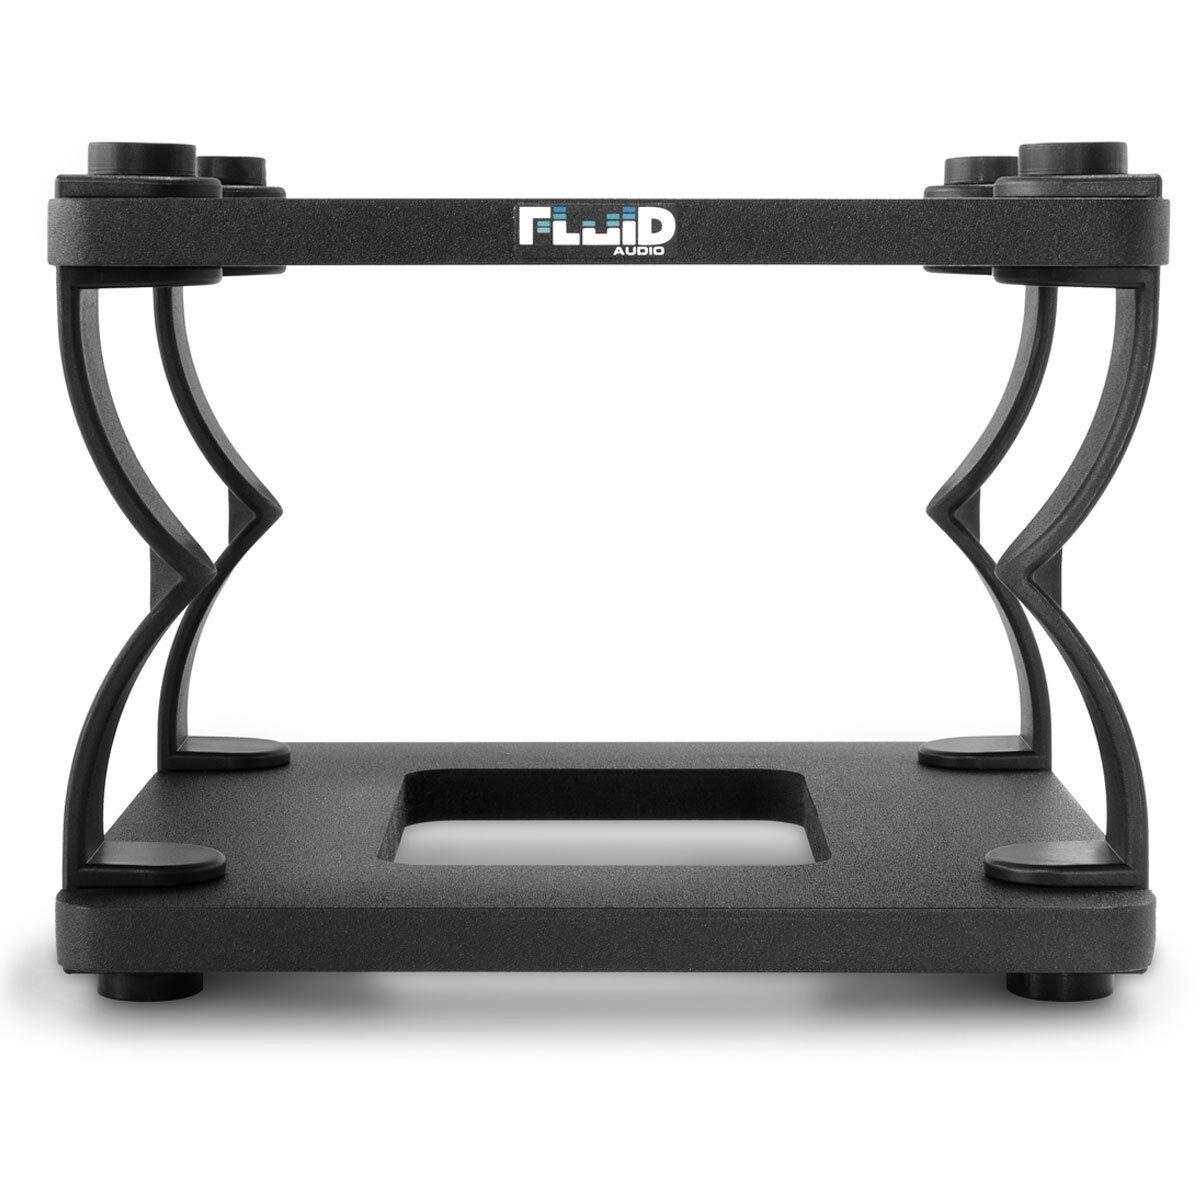 in vendita scontato del 70% Fluid ds8 treppiede da tavolo tavolo tavolo per monitor-BOX  contatore genuino